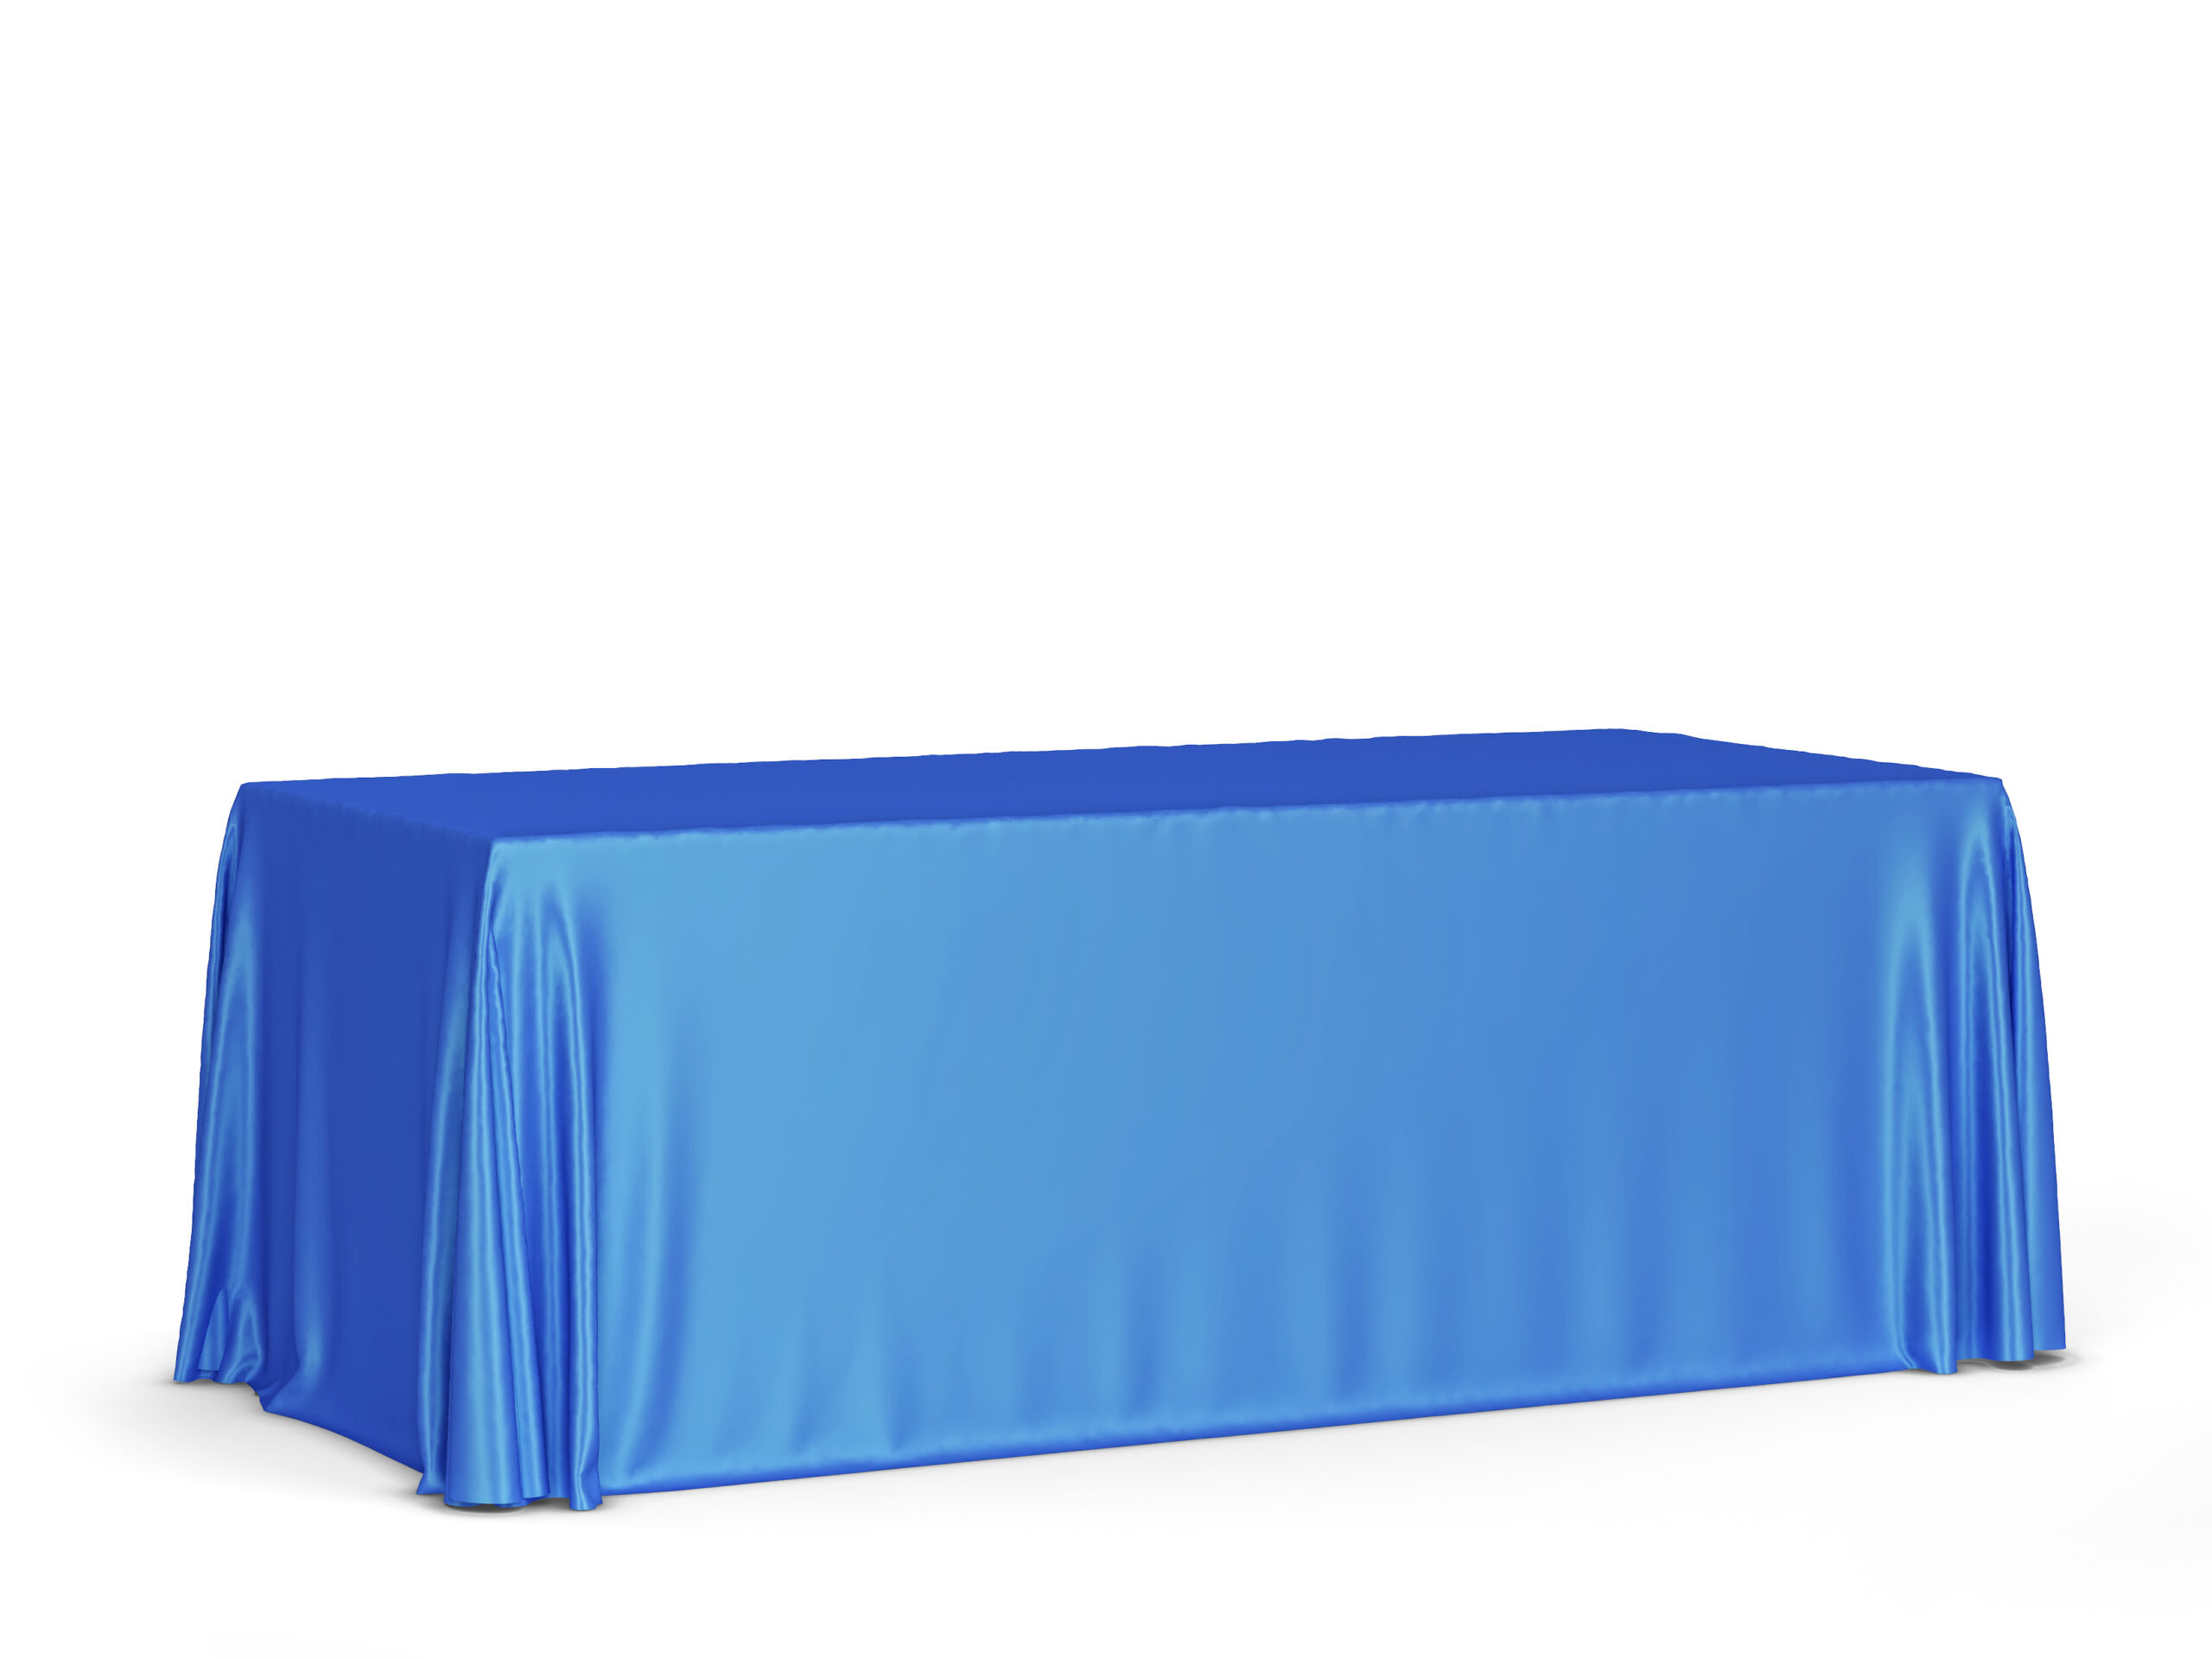 トレードショーのテーブルクロスのモックアップ。白い背景で隔離の3dイラスト